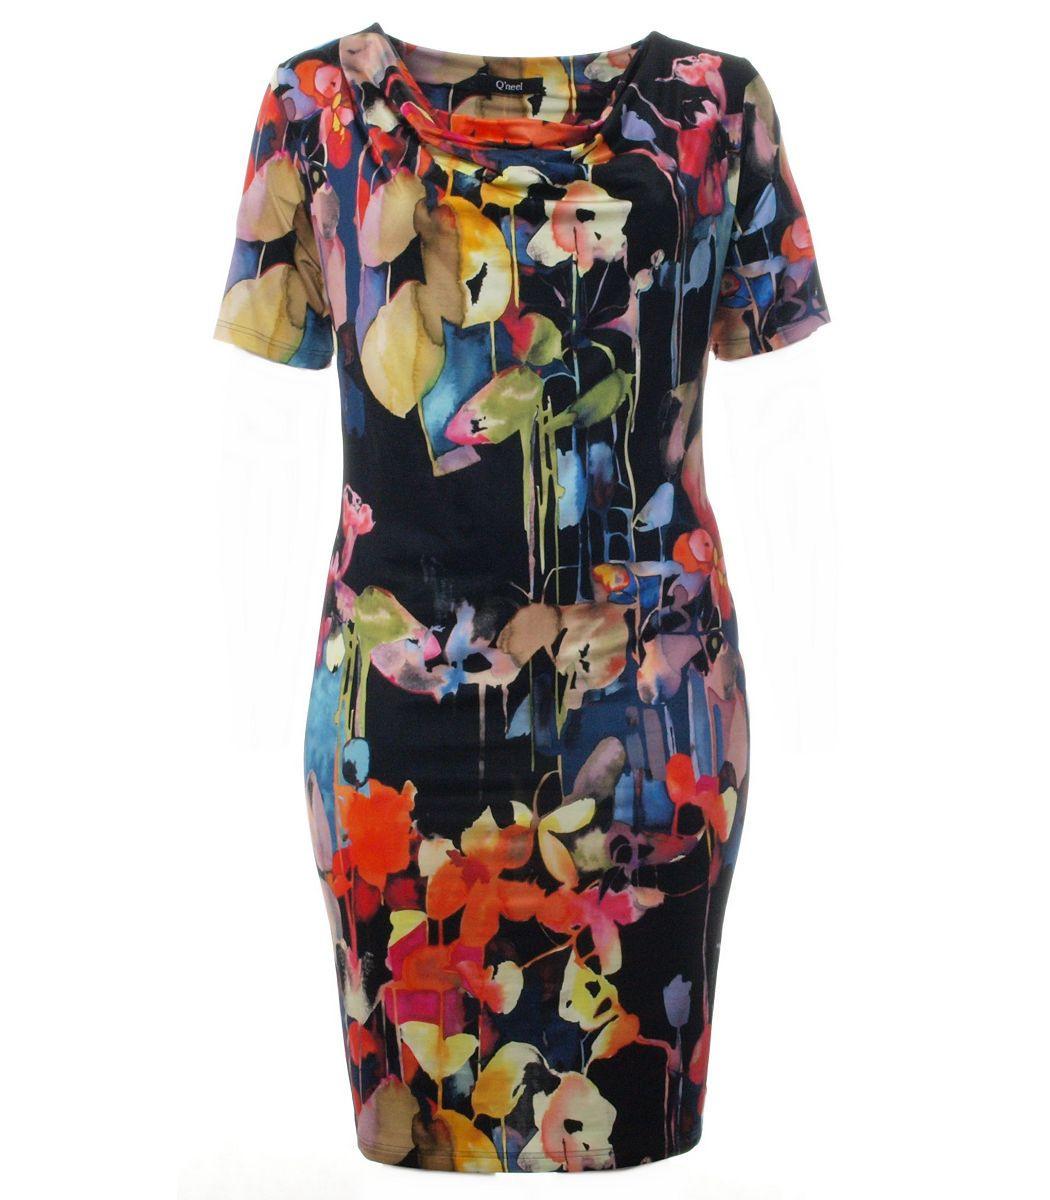 Kleid Große Größen In Schwarz Mit Bunten Blumen  Mode Für